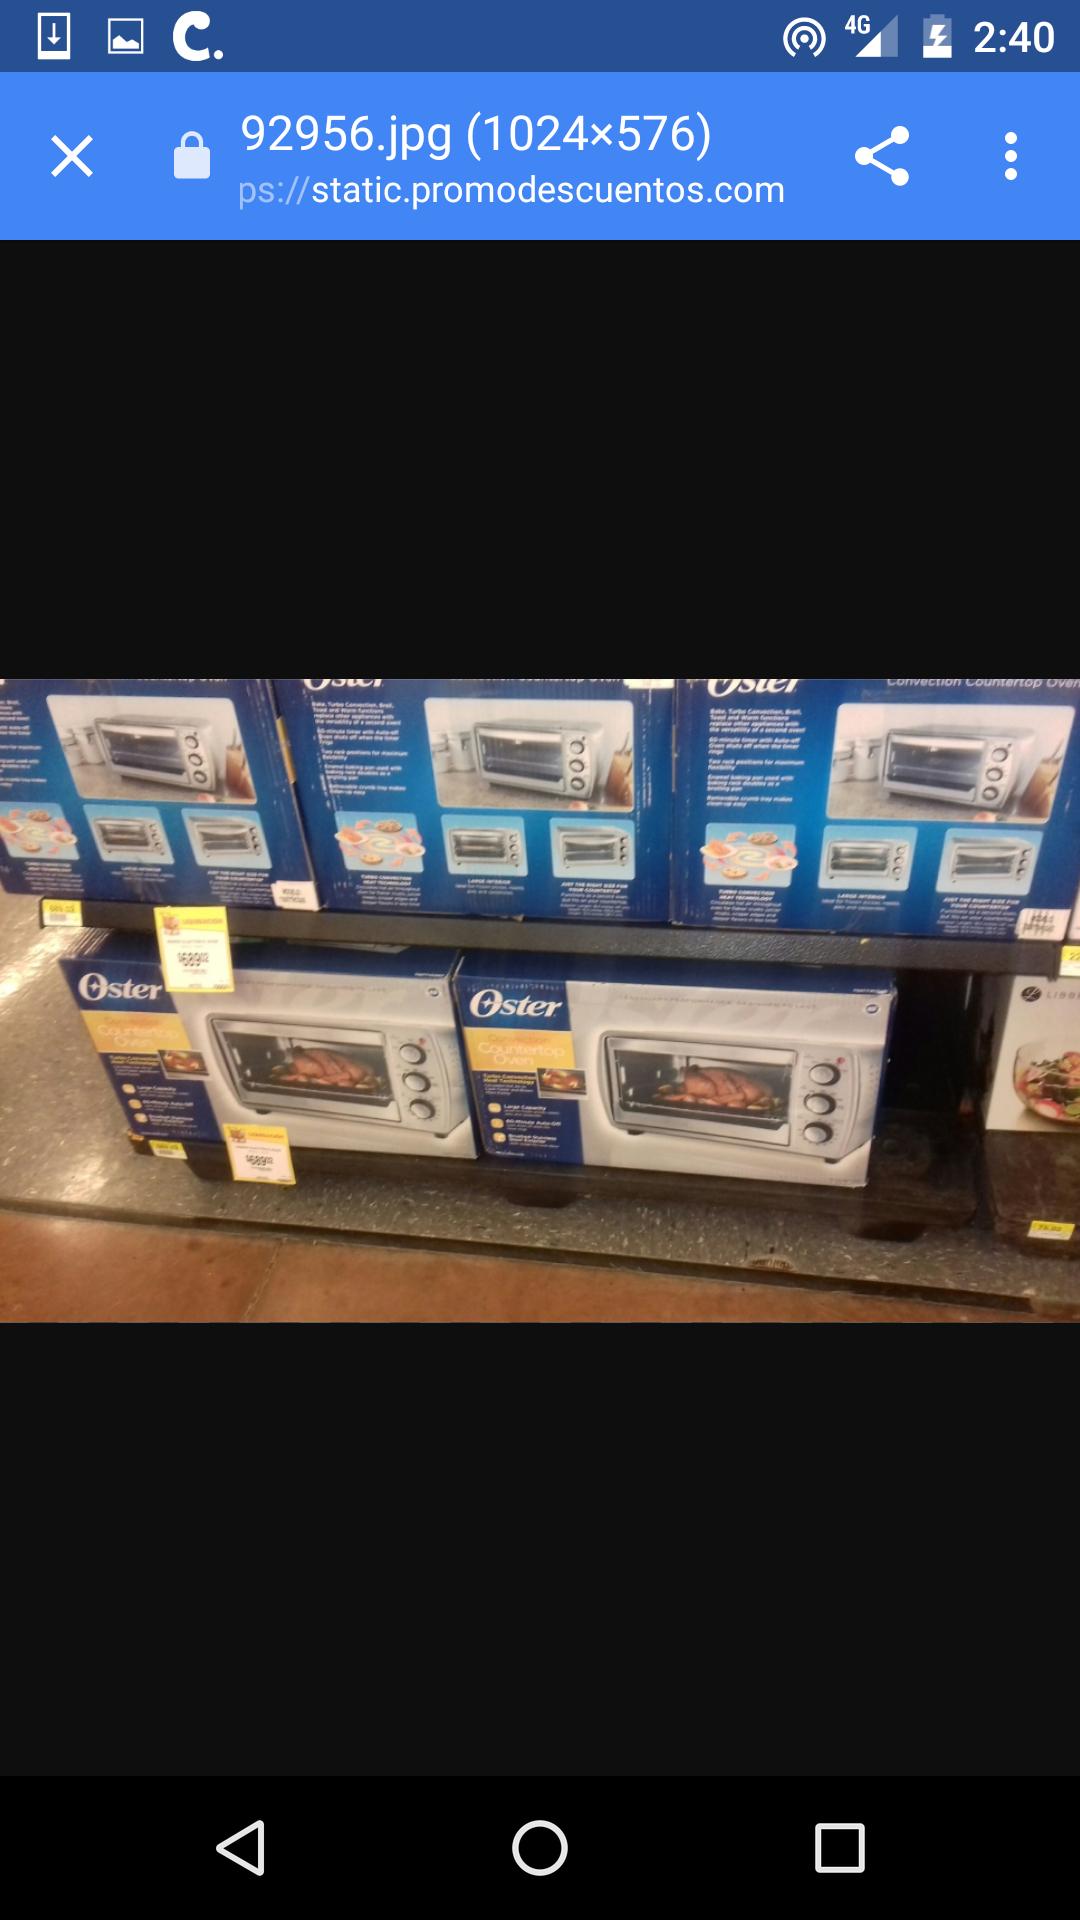 Walmart: Horno eléctrico Oster en $495.01 y